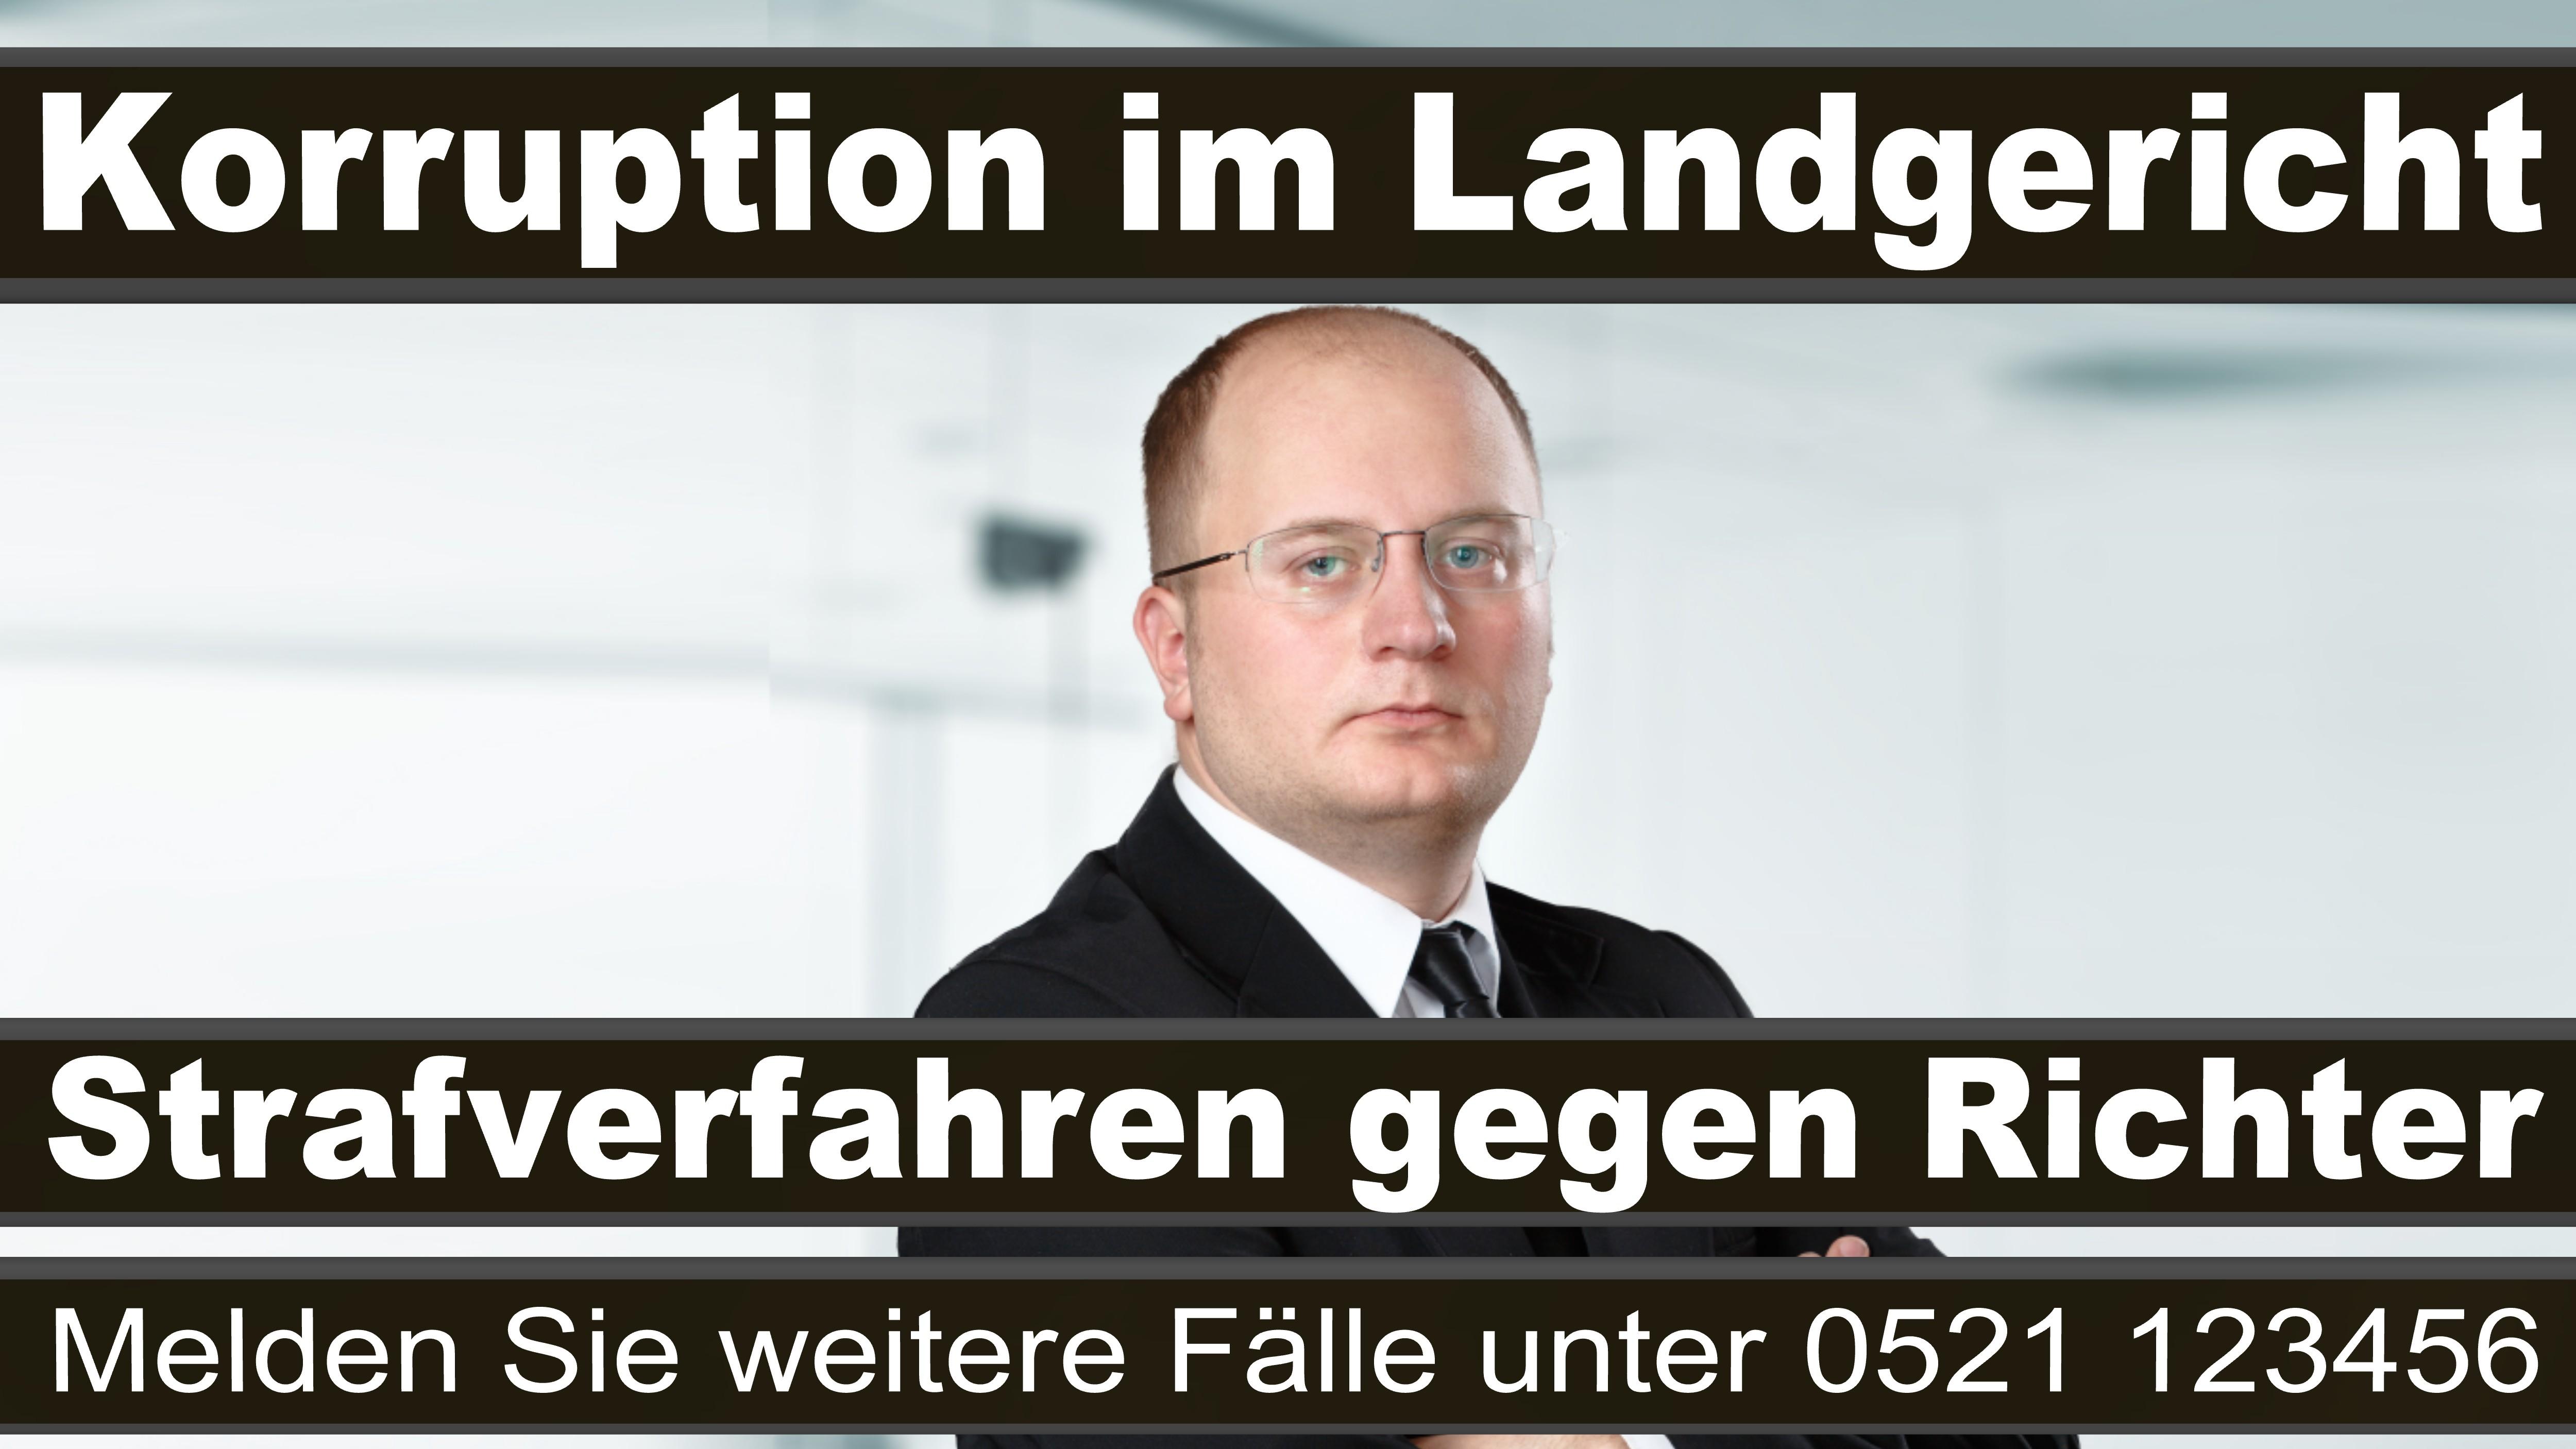 Generalstaatsanwaltschaft Oldenburg